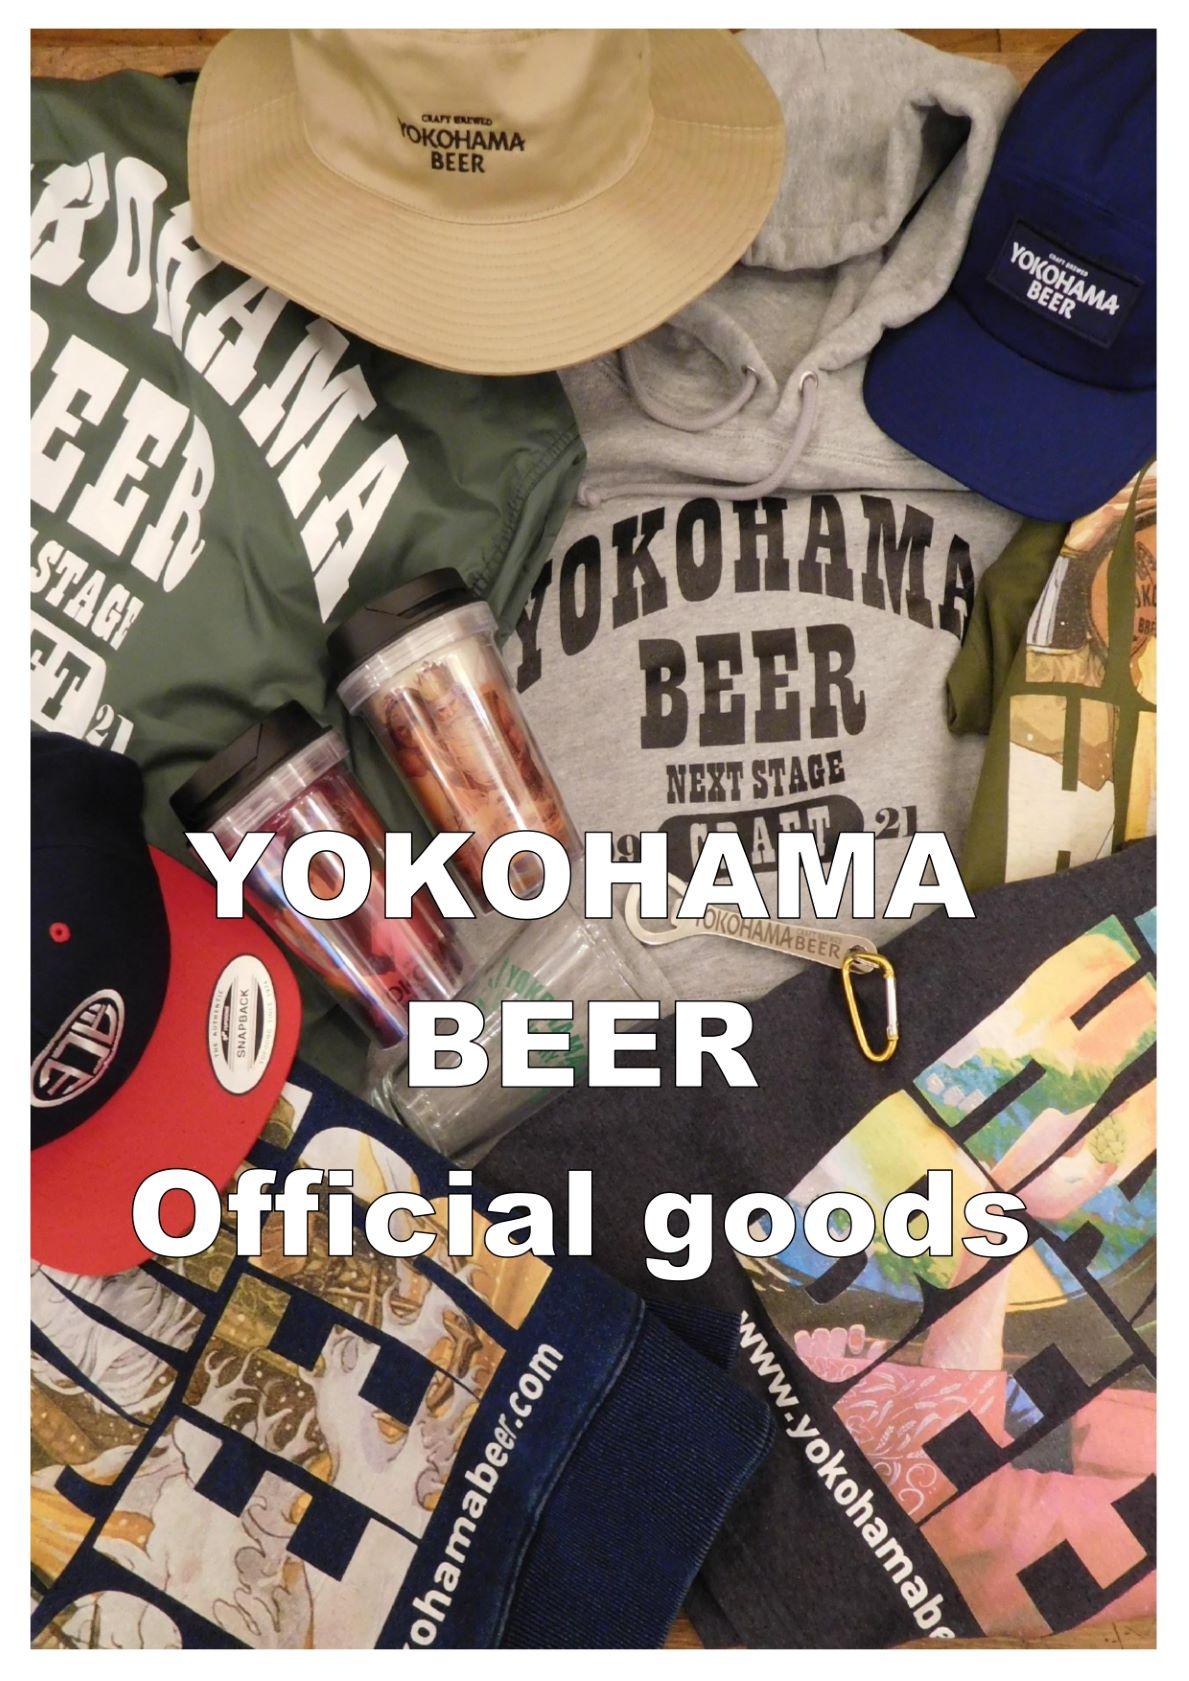 横浜ビール 通販サイト